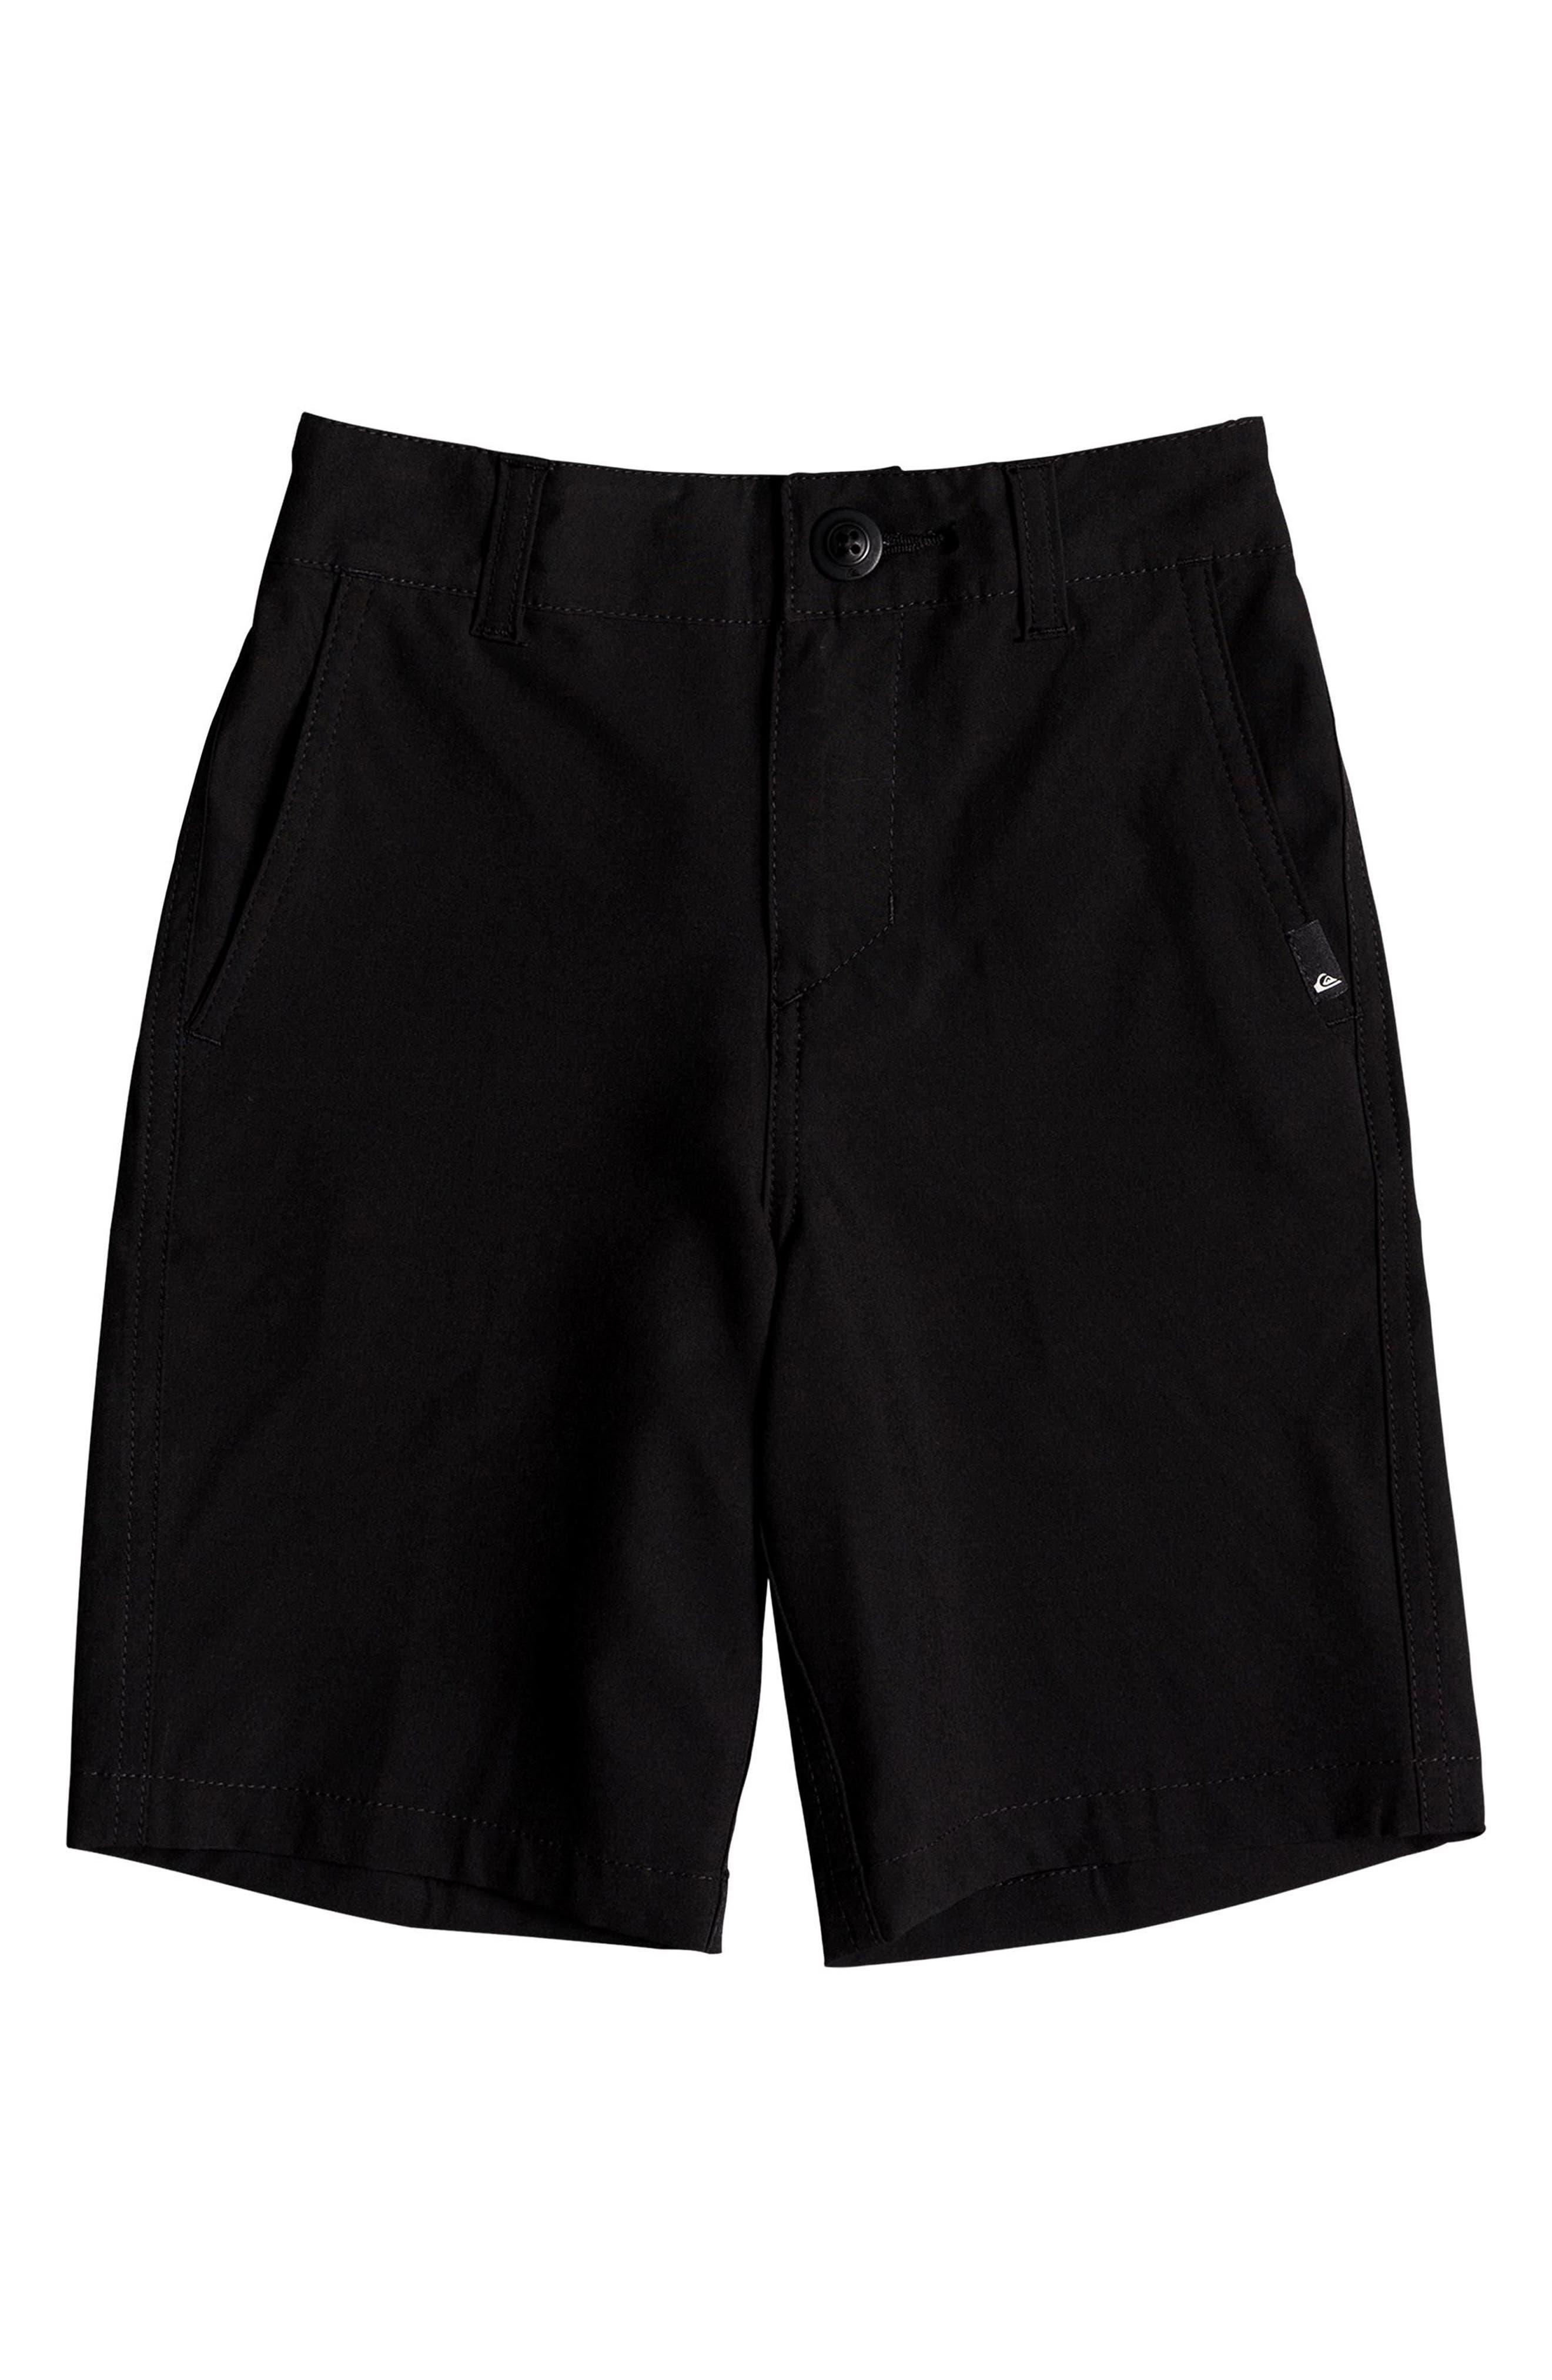 Union Amphibian Hybrid Shorts,                             Main thumbnail 1, color,                             BLACK